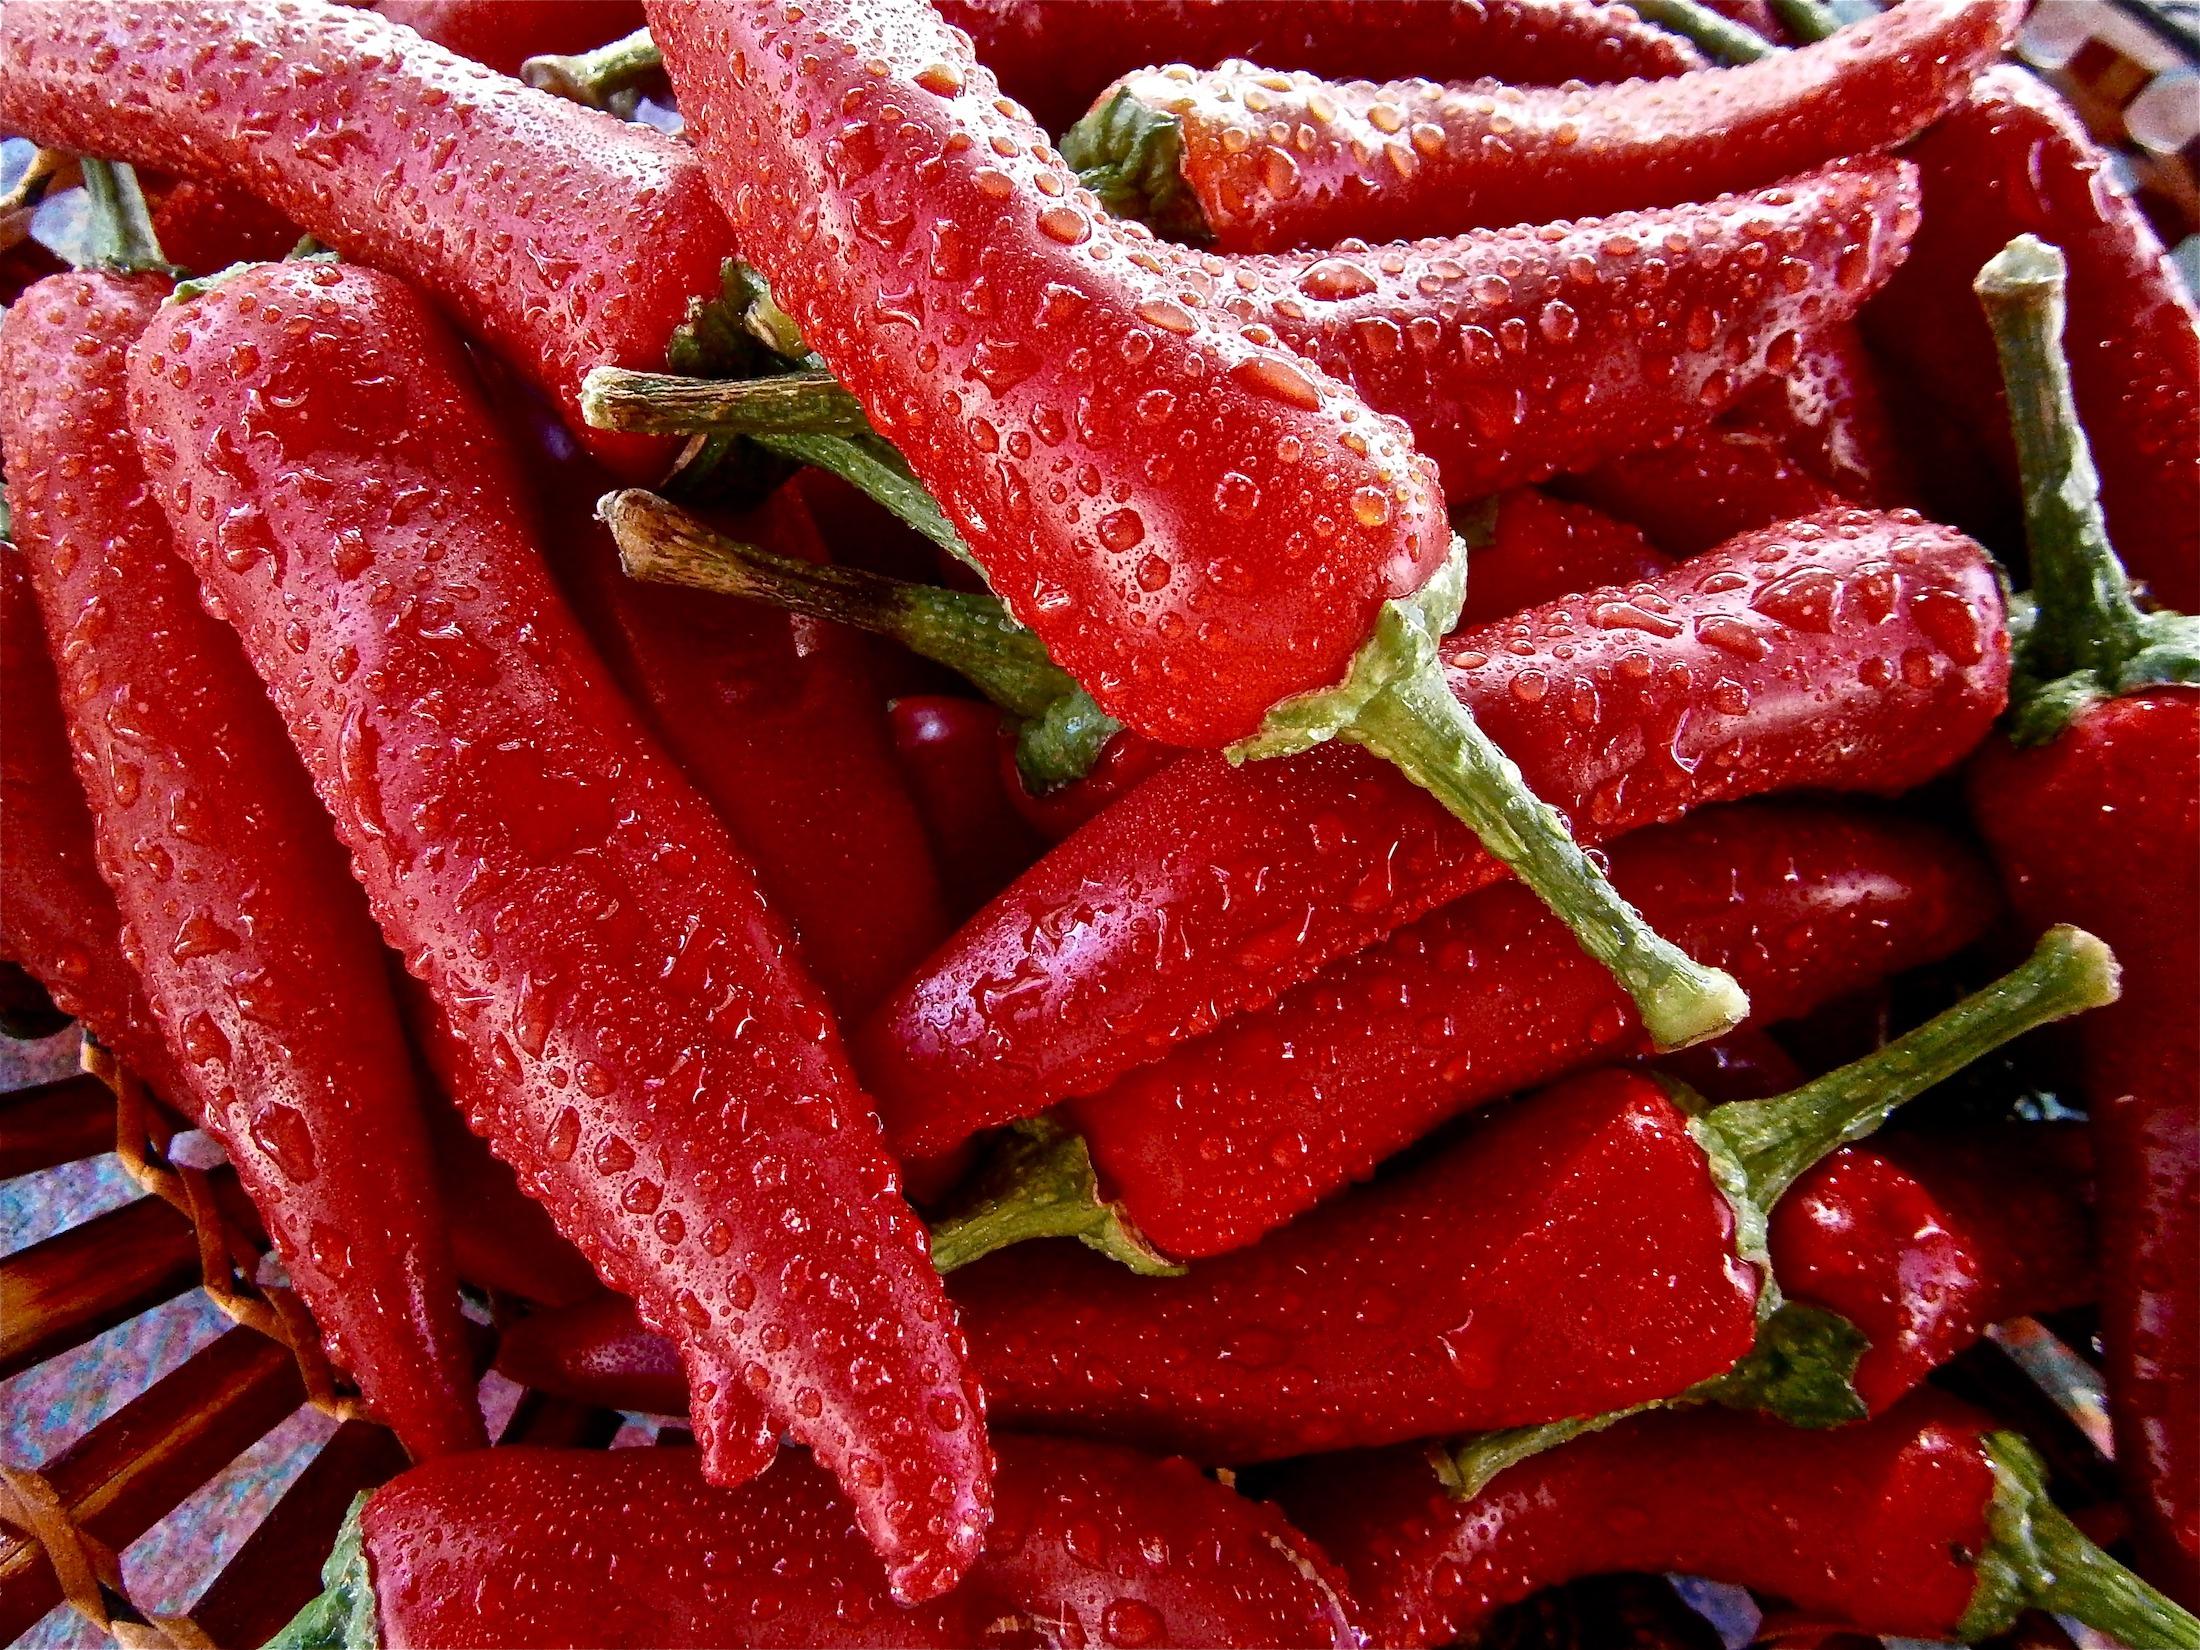 fruit-pepper-vegetable-vegetables-63589